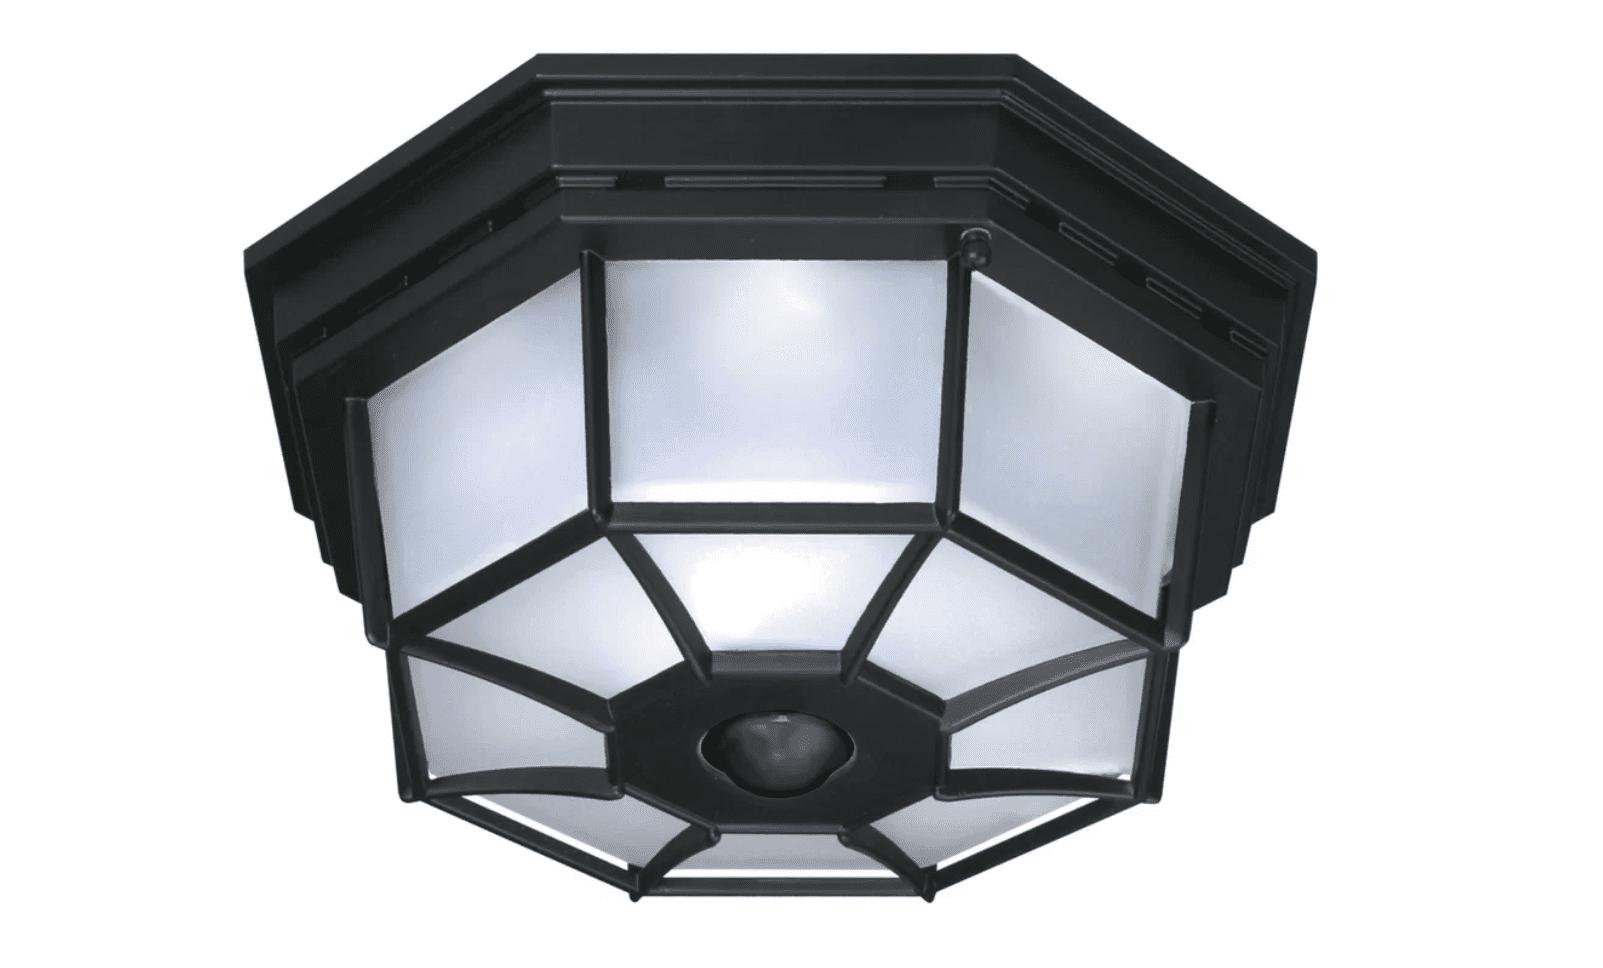 Best Flush Mounted Motion Light Heath Zenith Octagonal